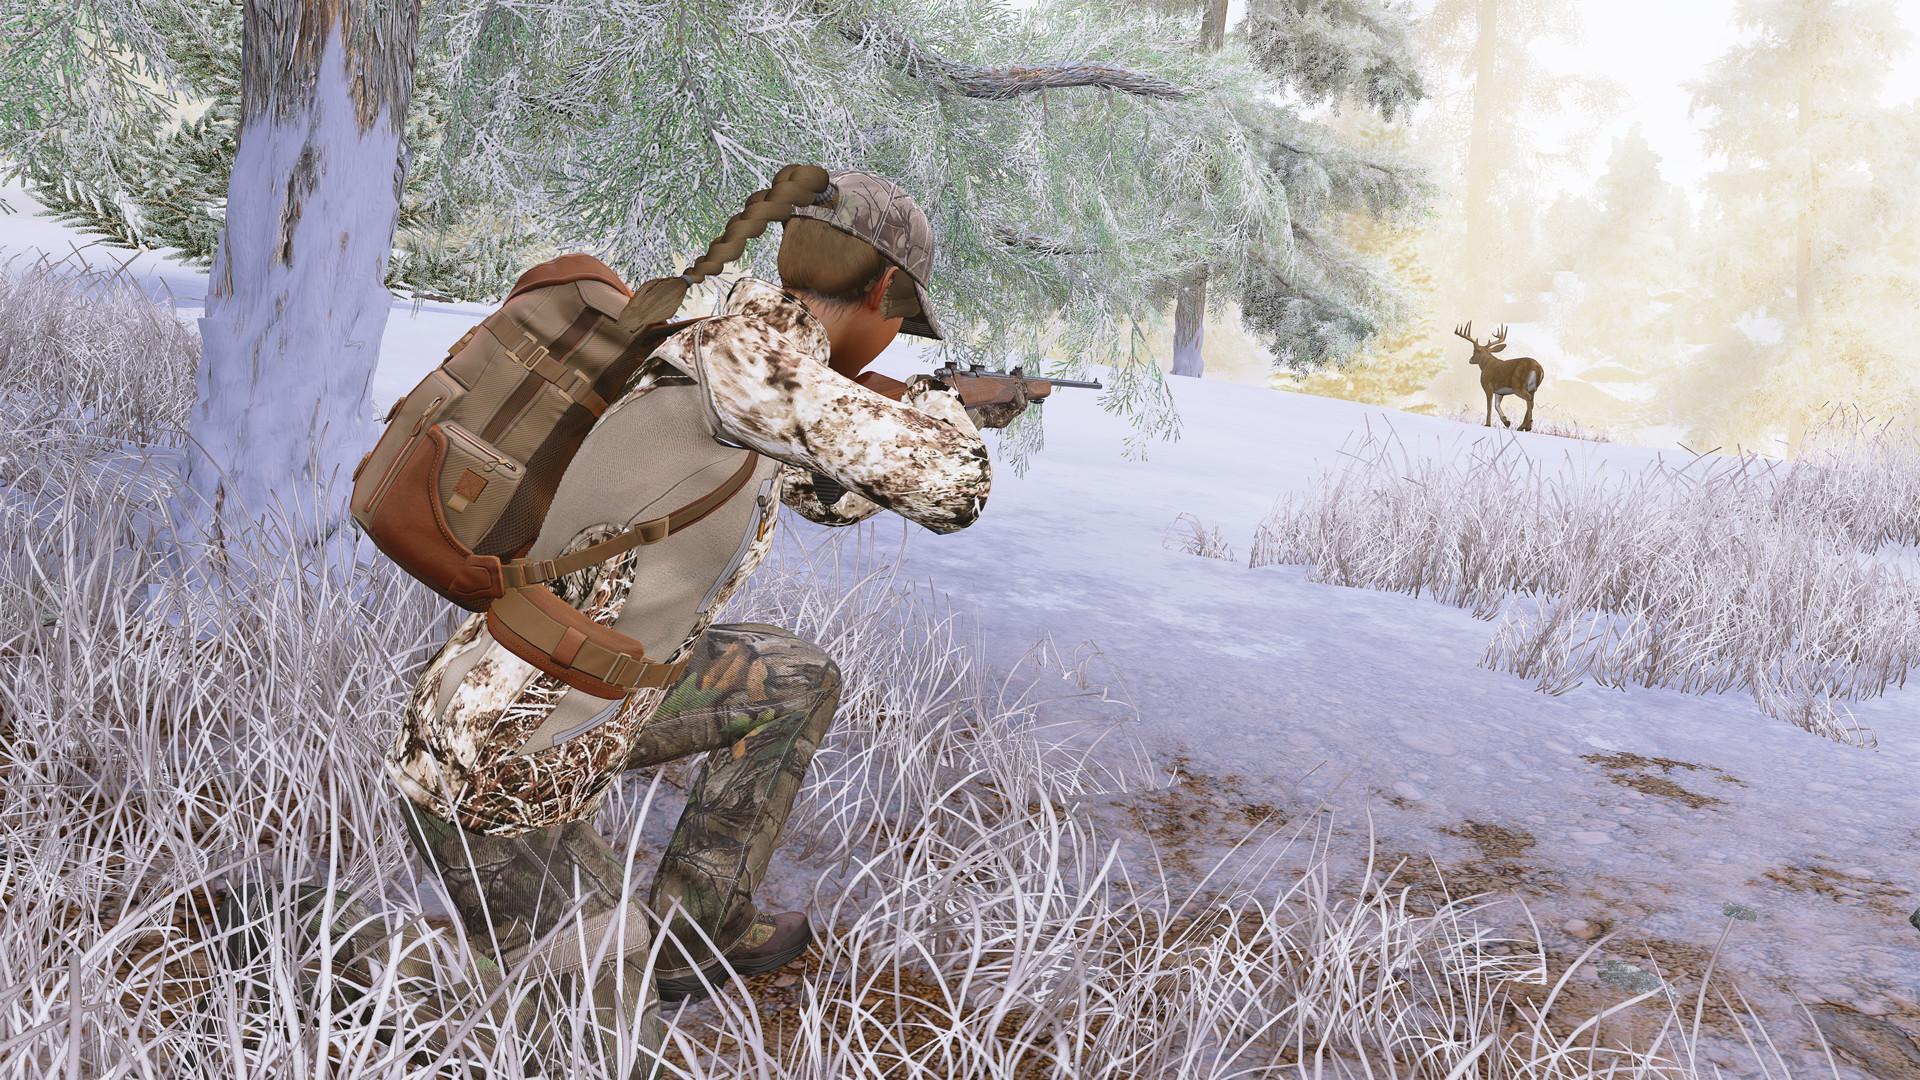 狩猎模拟/Hunting Simulator插图7